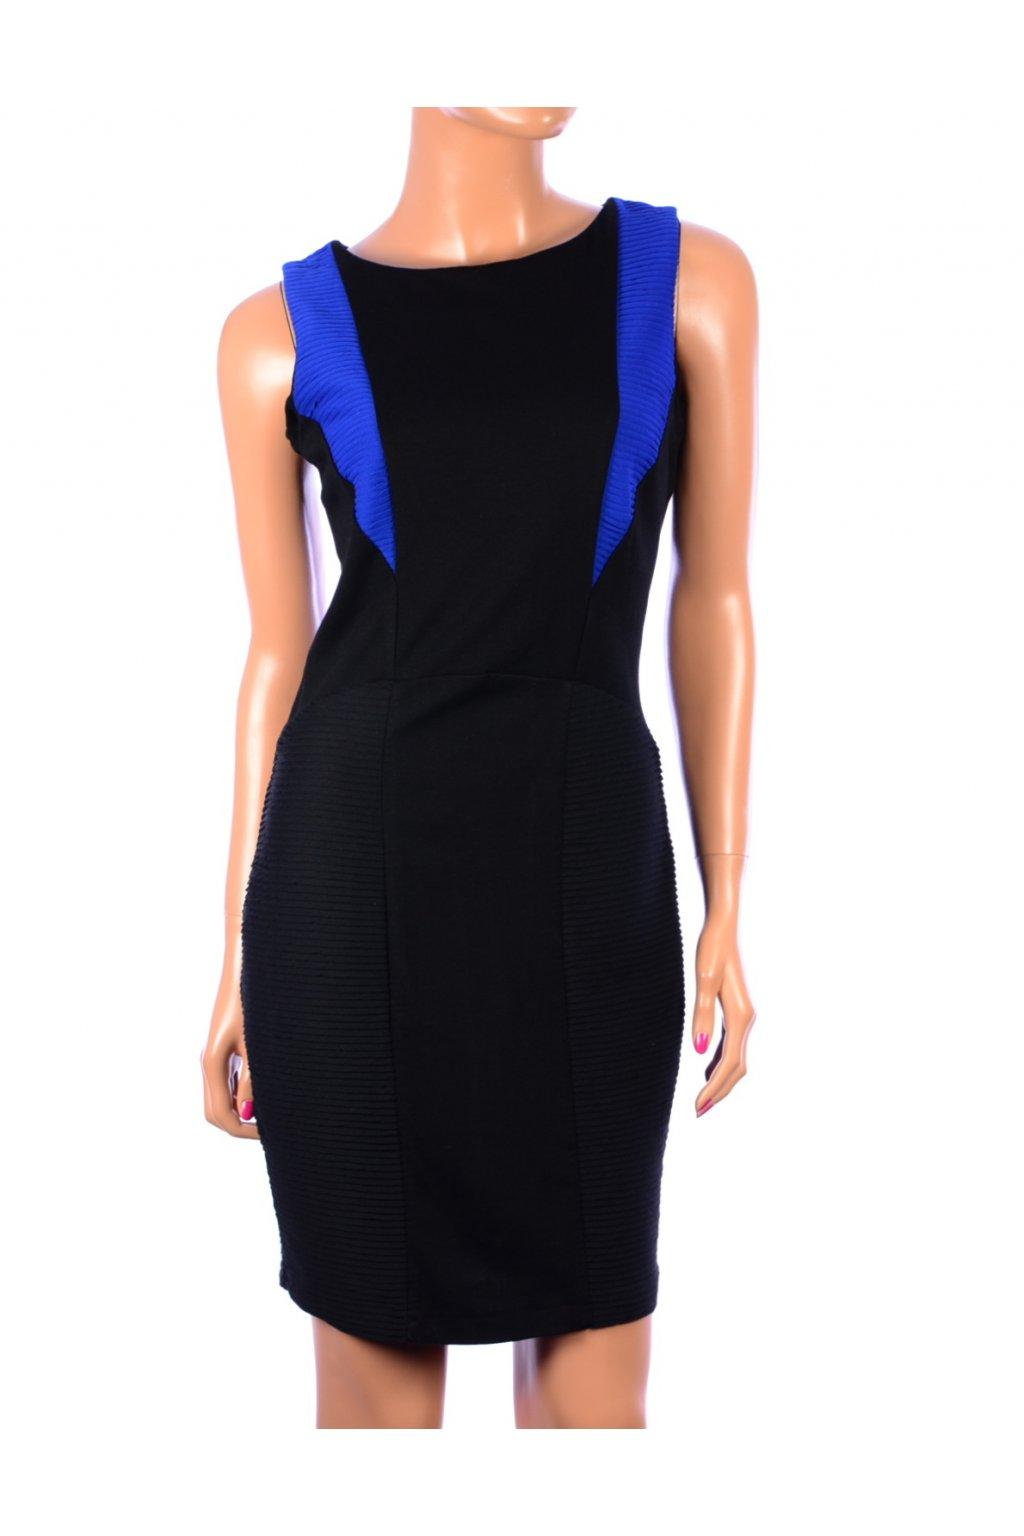 Šaty mini modro černé Limited Collection vel. M / uk 12 / 40